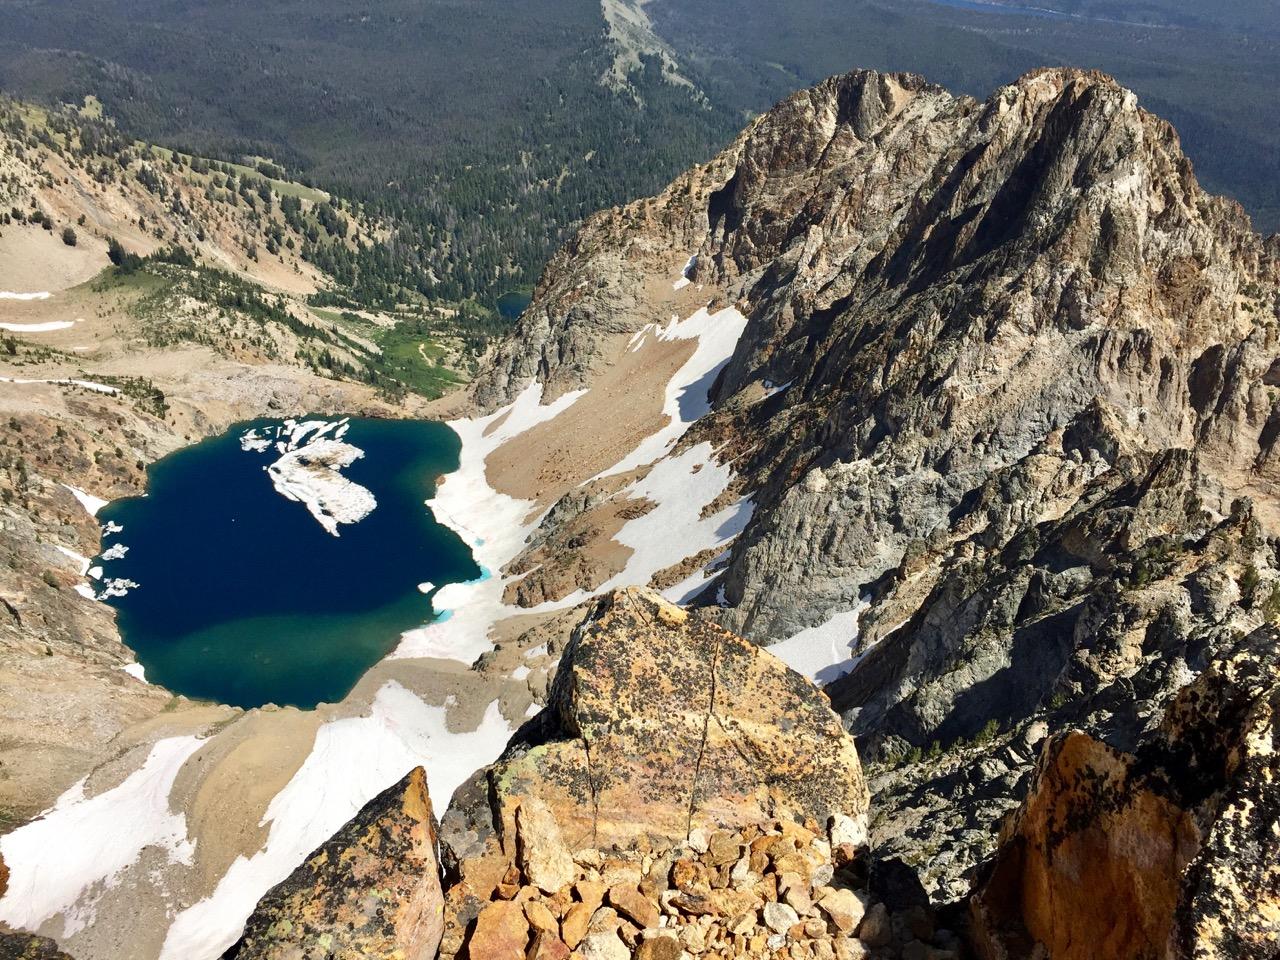 Thompson summit to lake